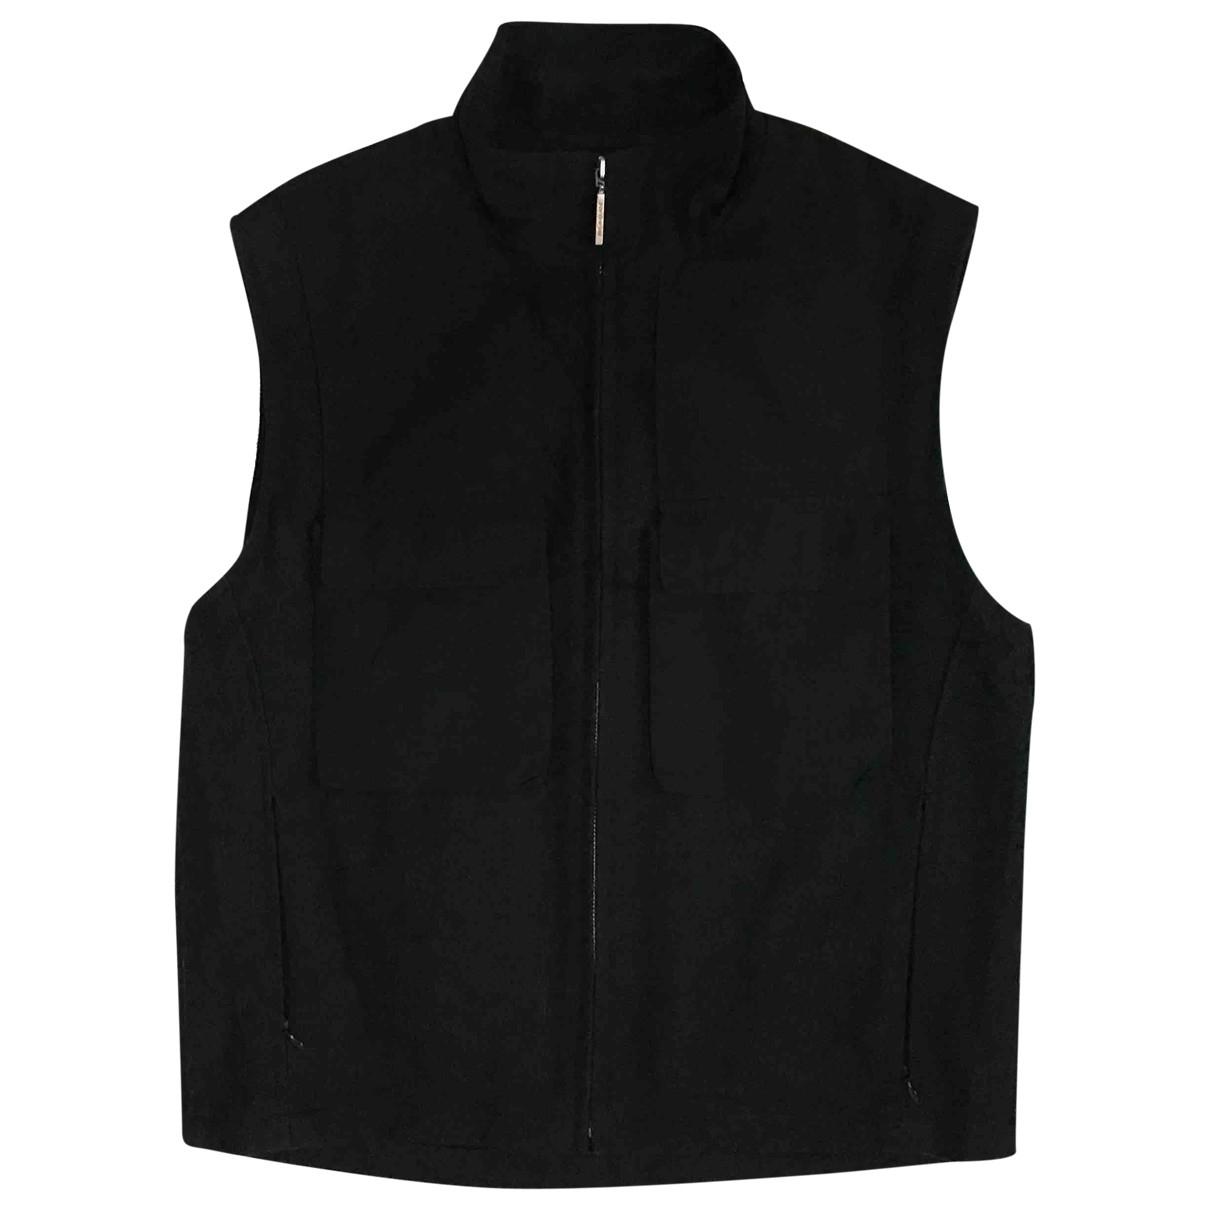 Yves Saint Laurent - Vestes.Blousons   pour homme en laine - noir